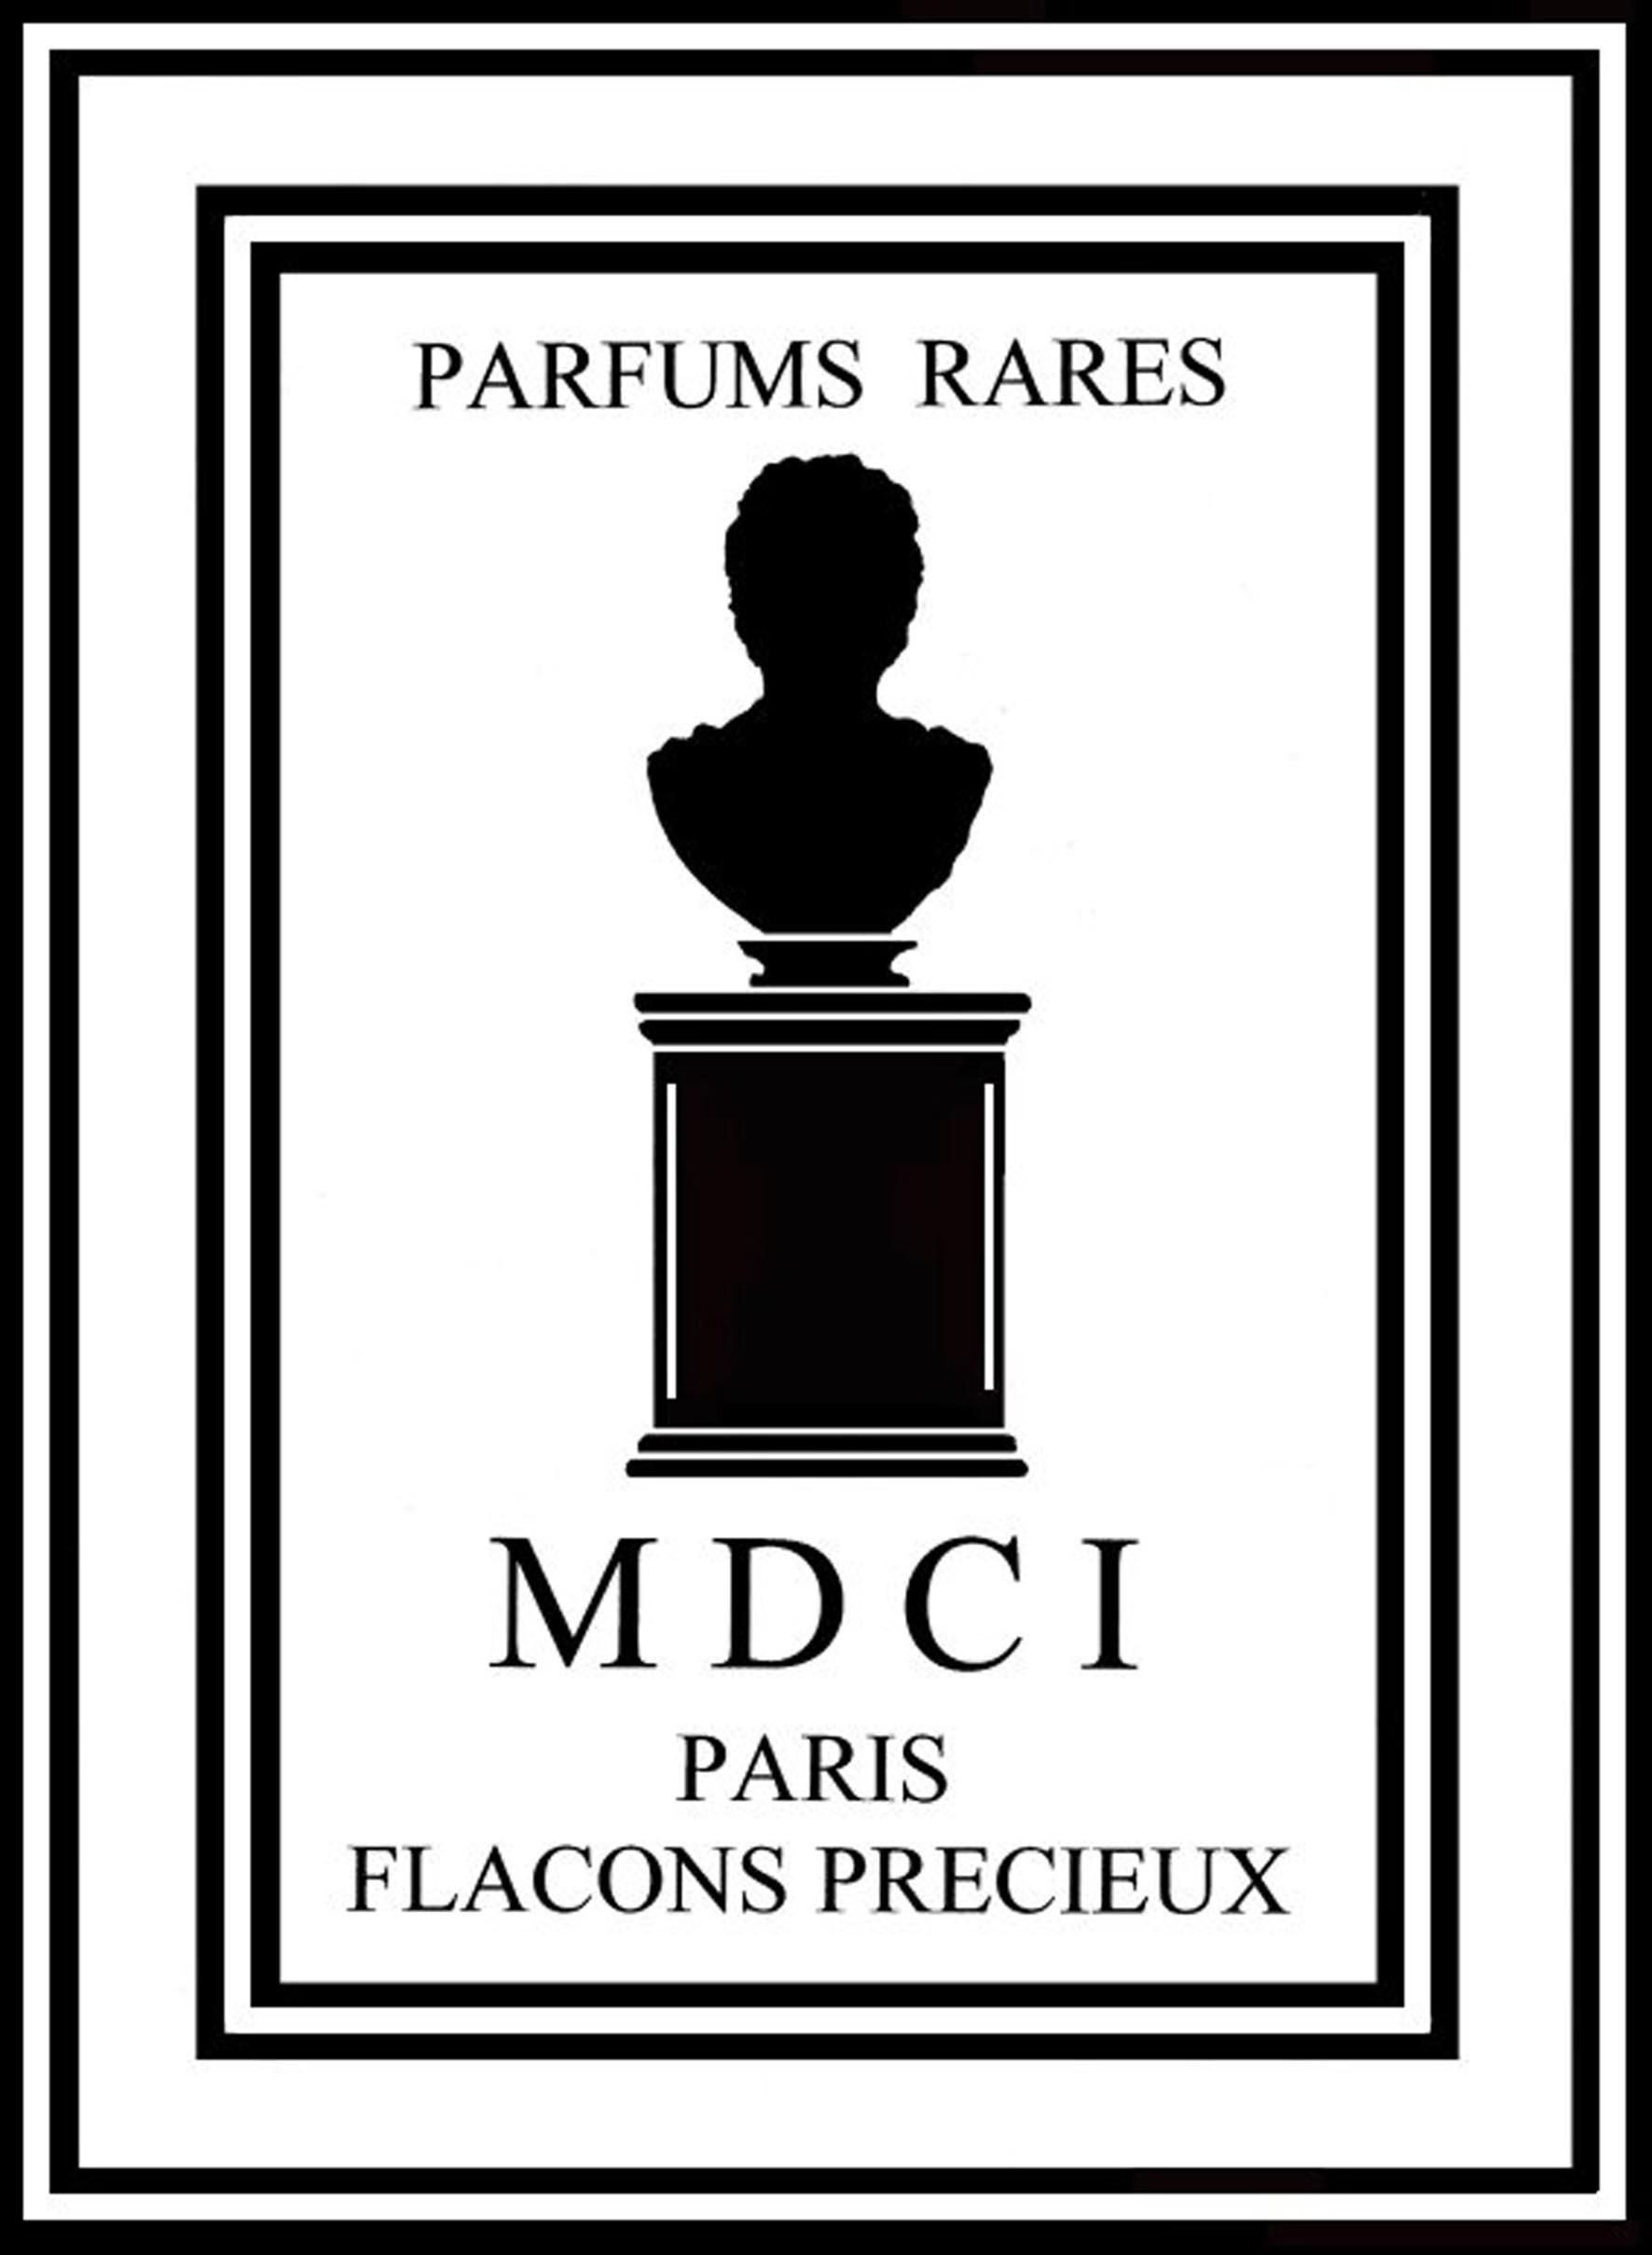 MDCI Paris